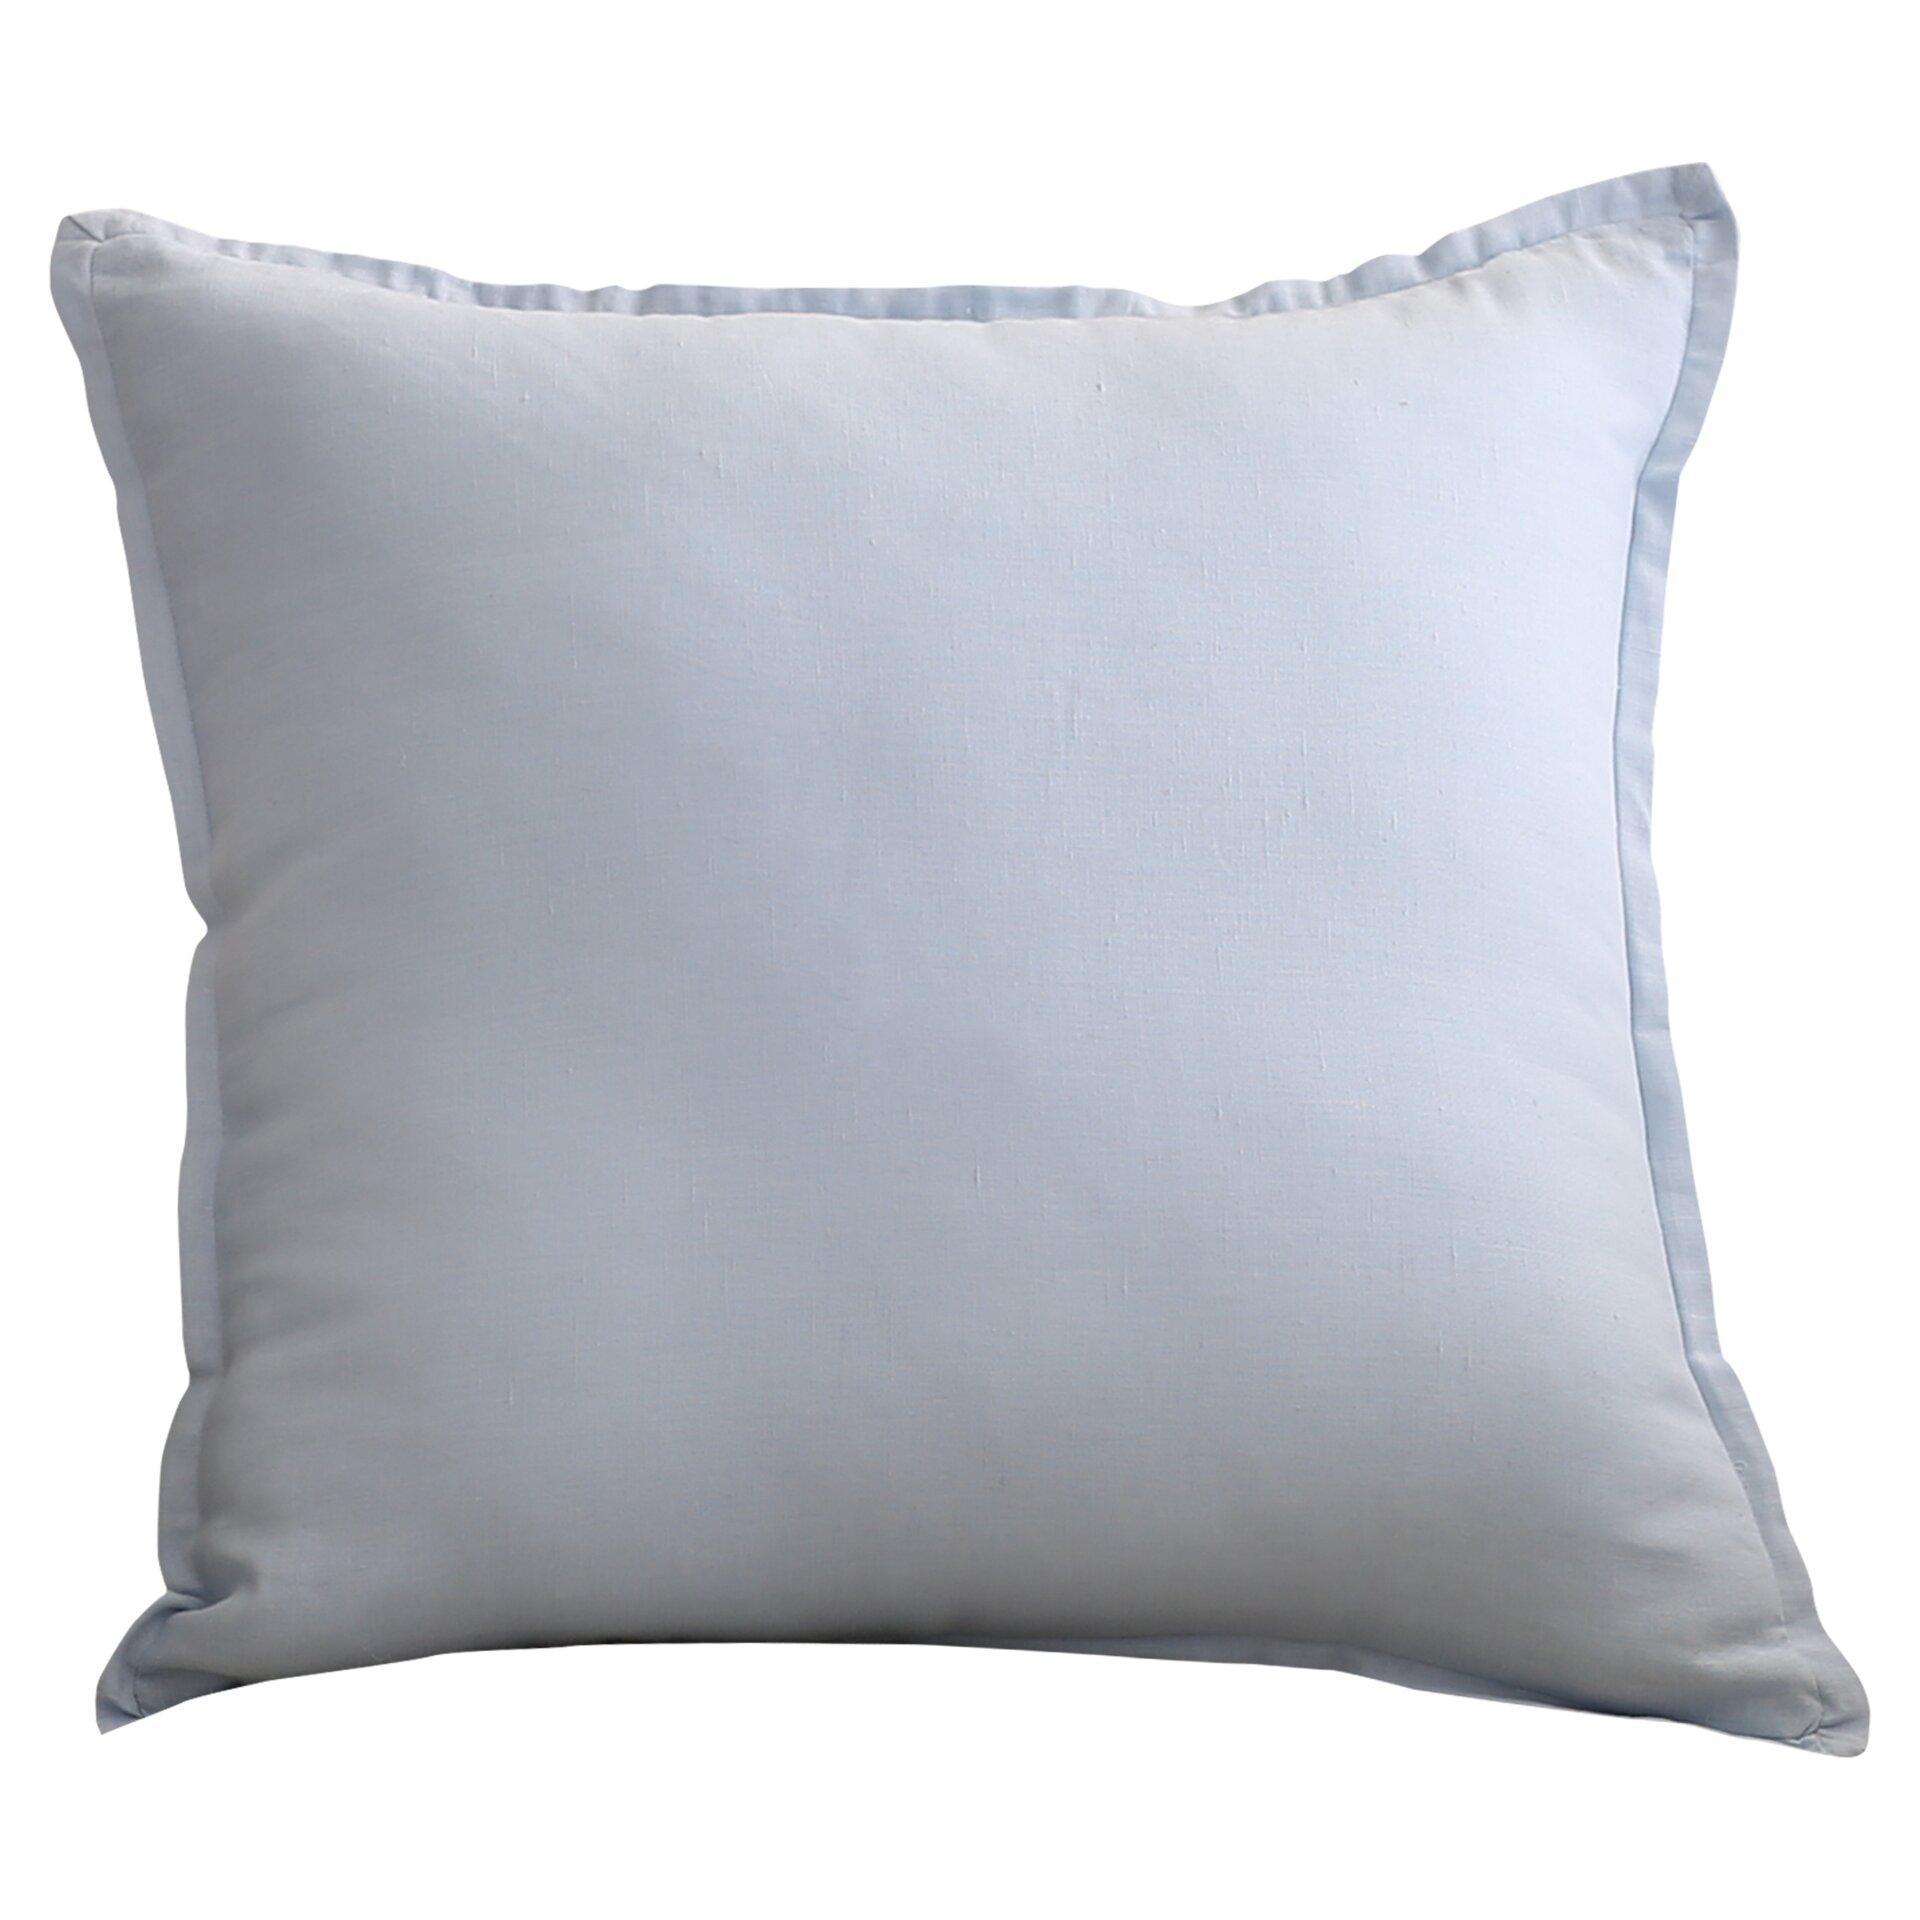 House of hampton windsor throw pillow reviews wayfair for Buy hampton inn pillows